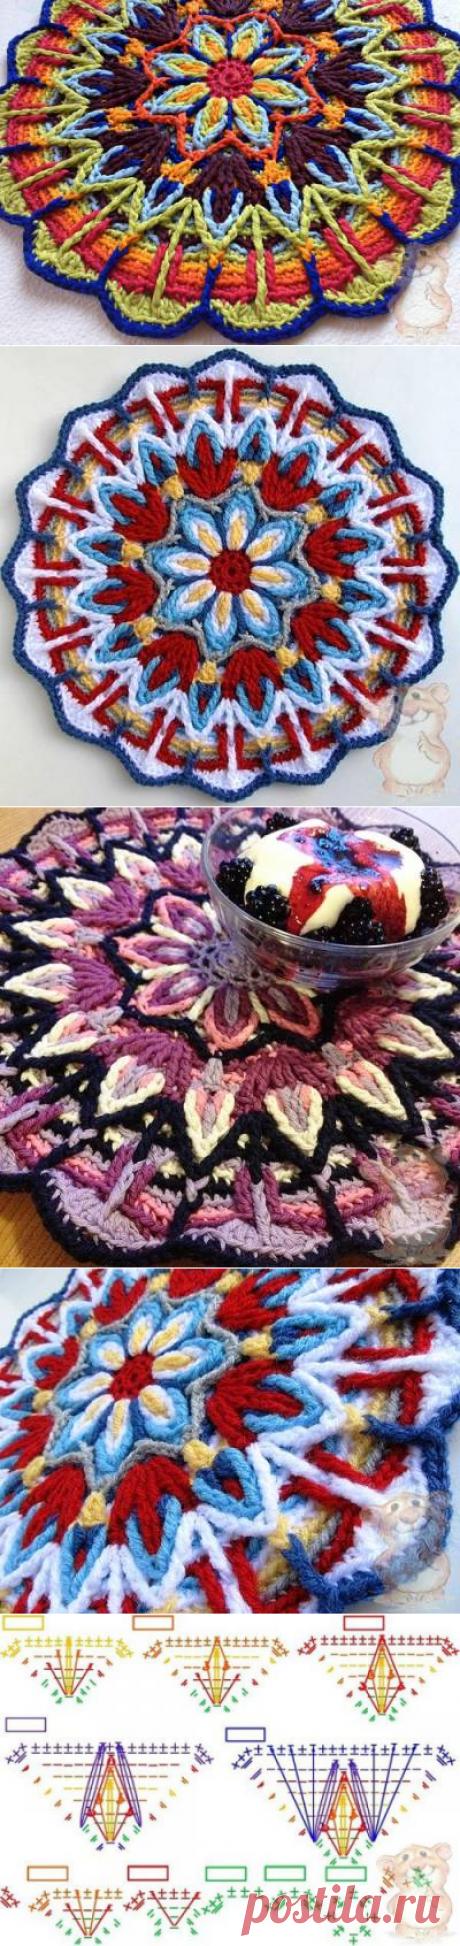 Техника Overlay Crochet или вязаная крючком мандала - модели, схемы, описания - Форум о вязании спицами и крючком